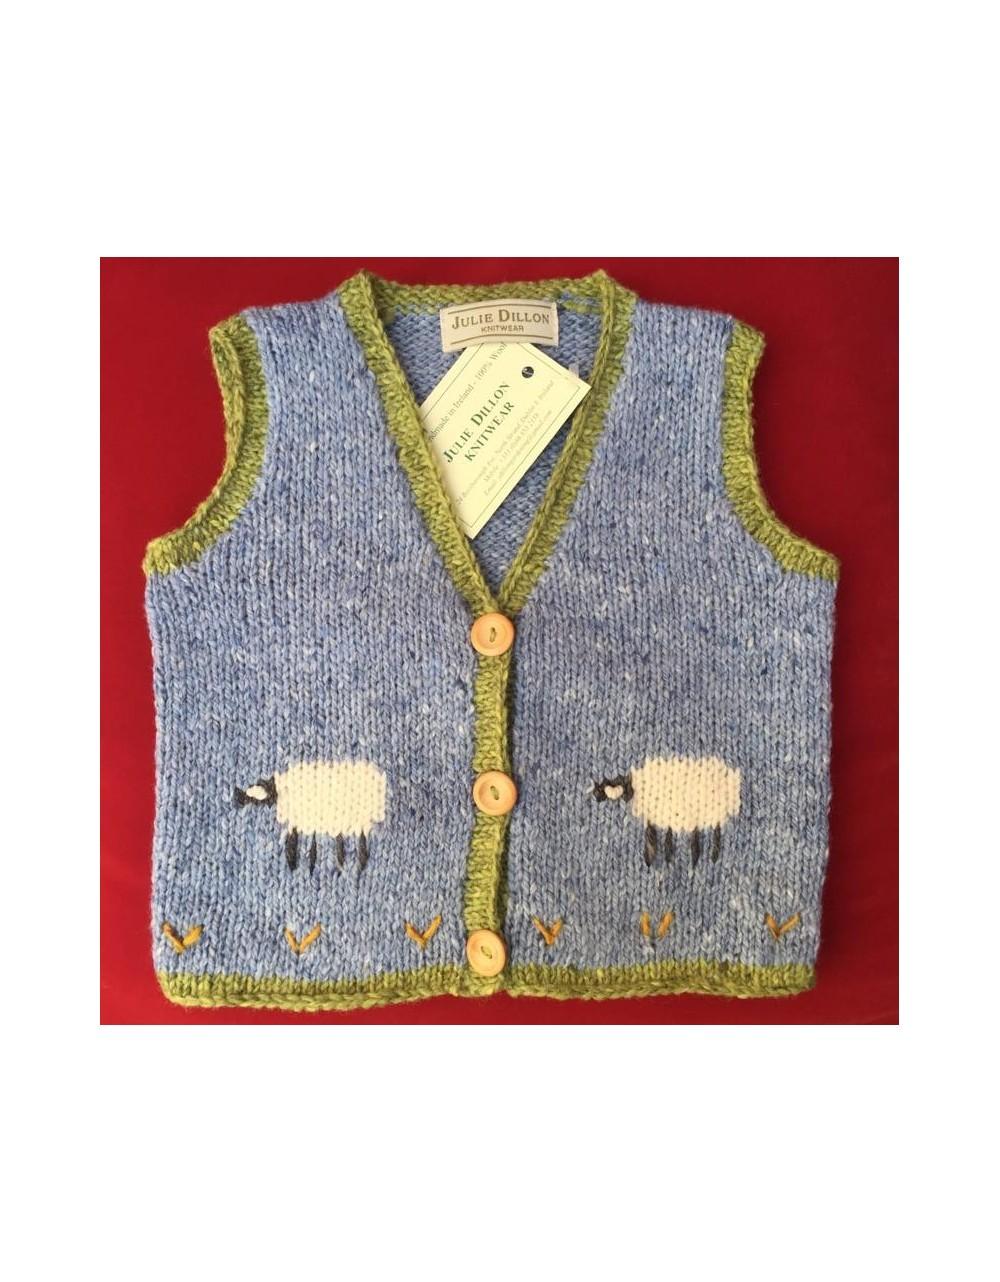 Childs Handmade Sheep Waistcoat|Julie Dillon Knitwear|Irish Handcrafts 1